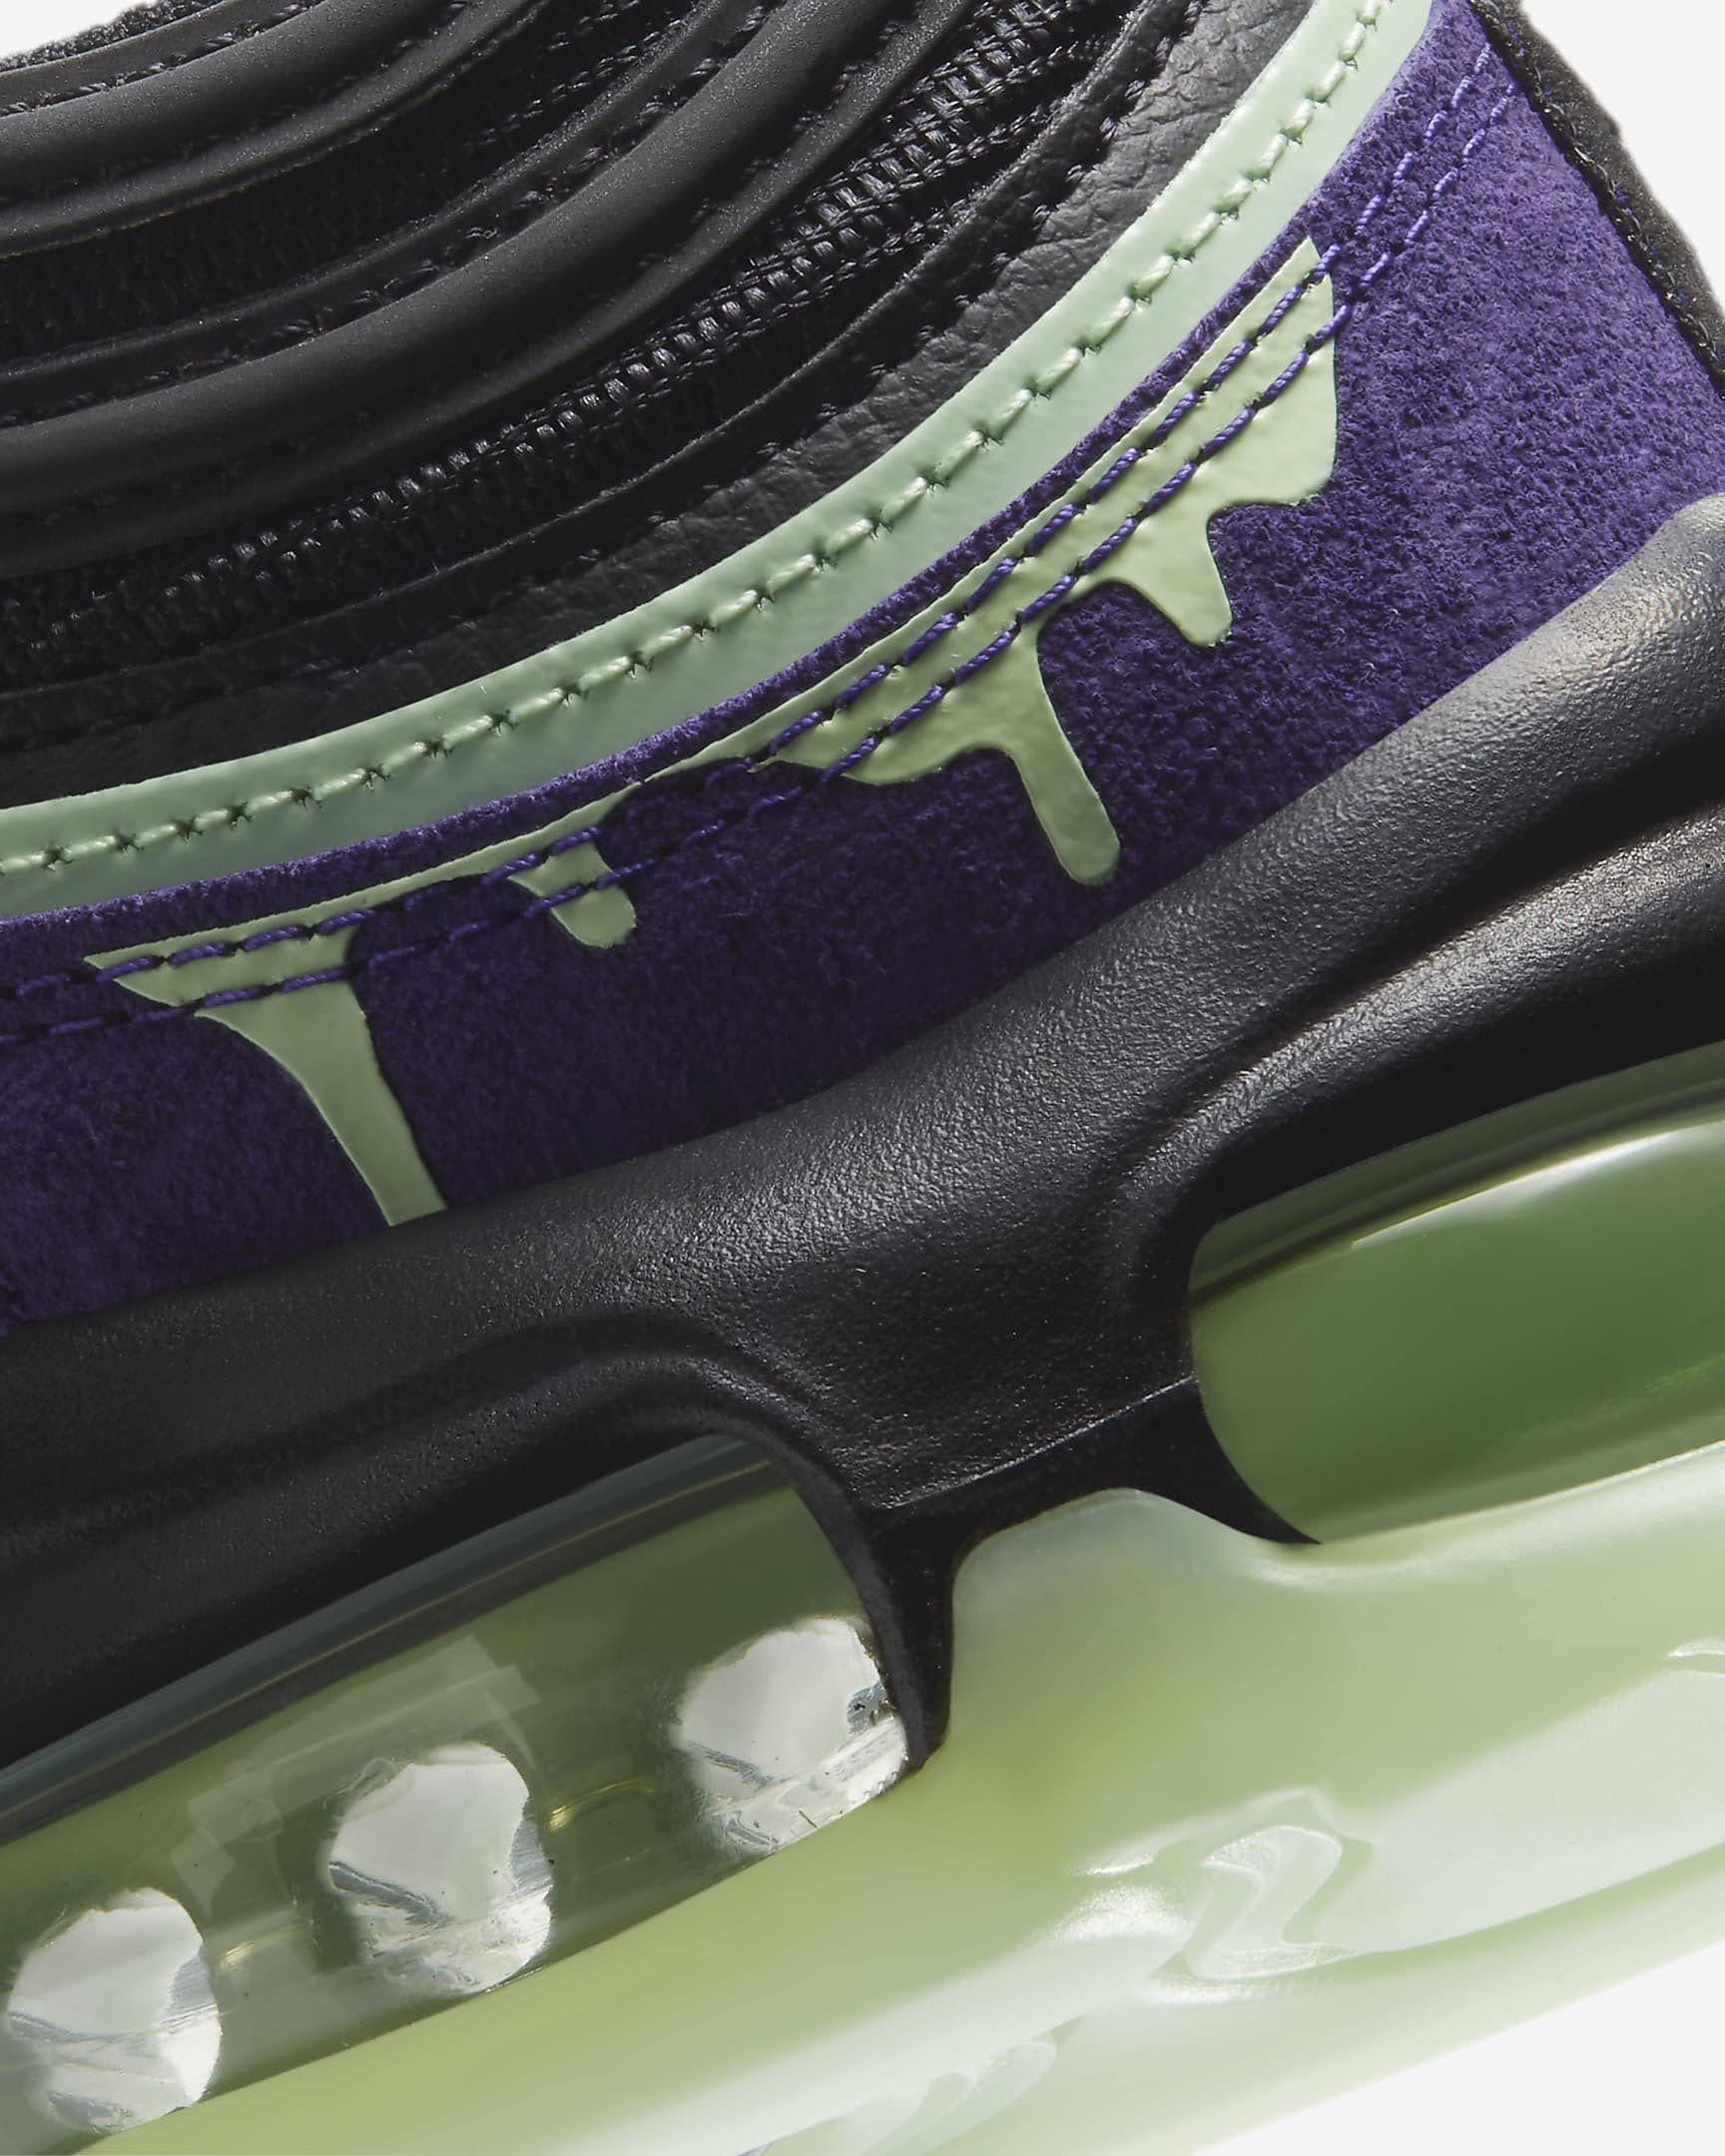 ナイキ エア マックス 97 ハロウィーン Nike-Air-Max-97-Halloween-heel-detail